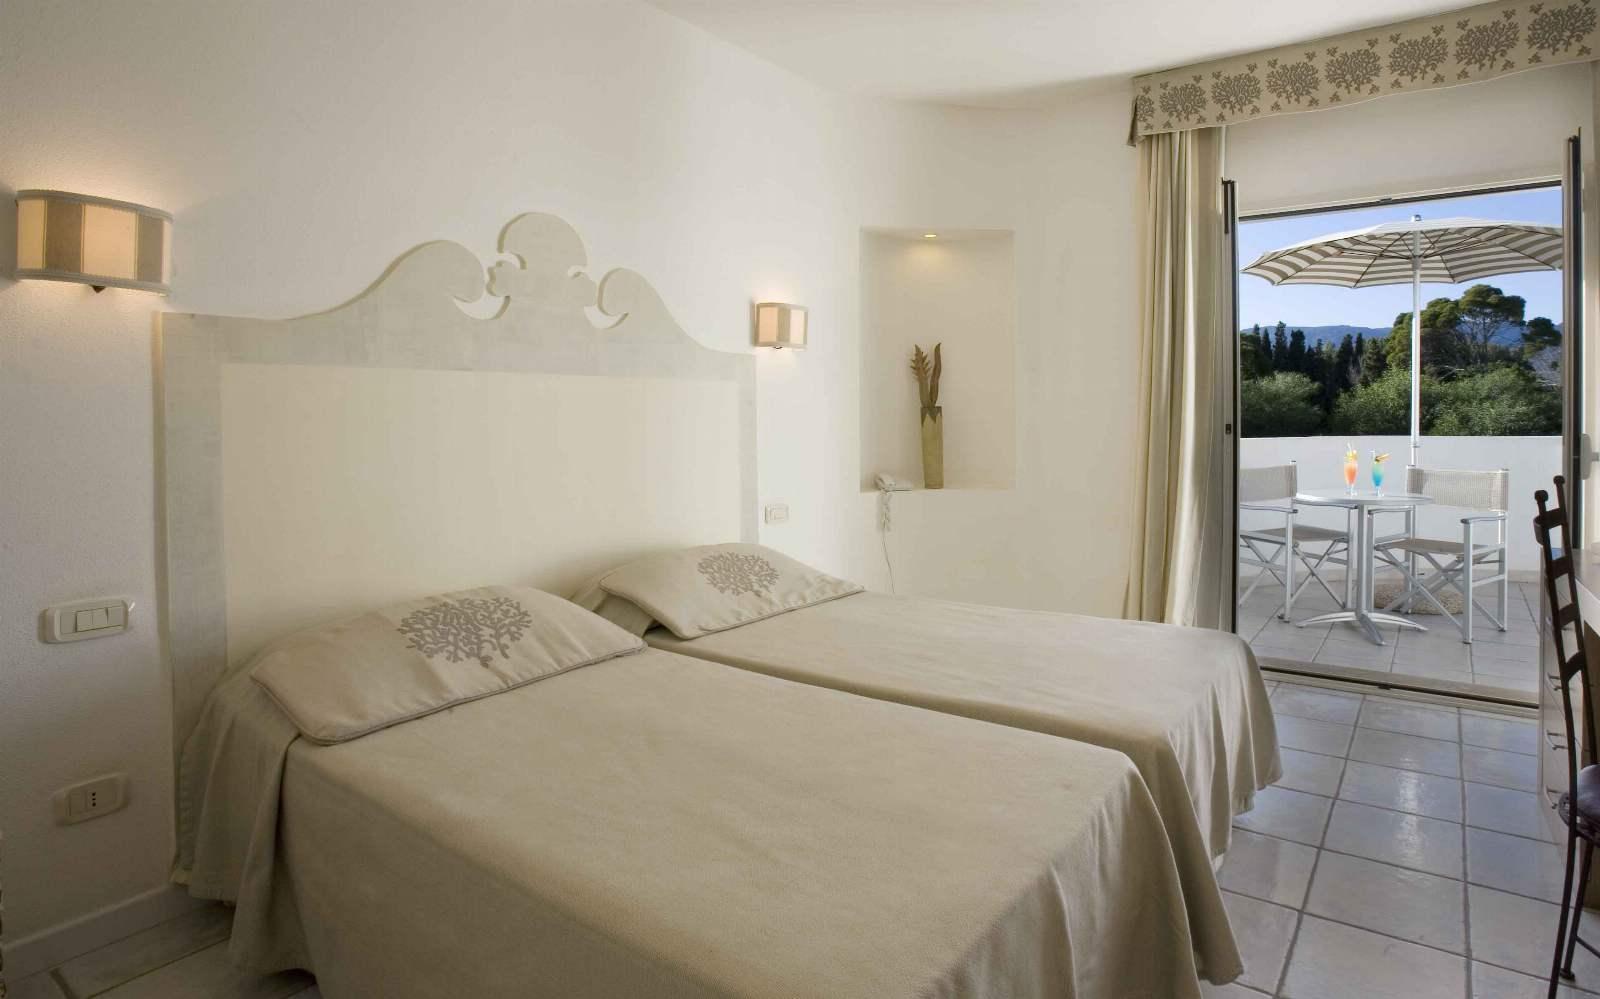 Hotel Flamingo I Nidi Room